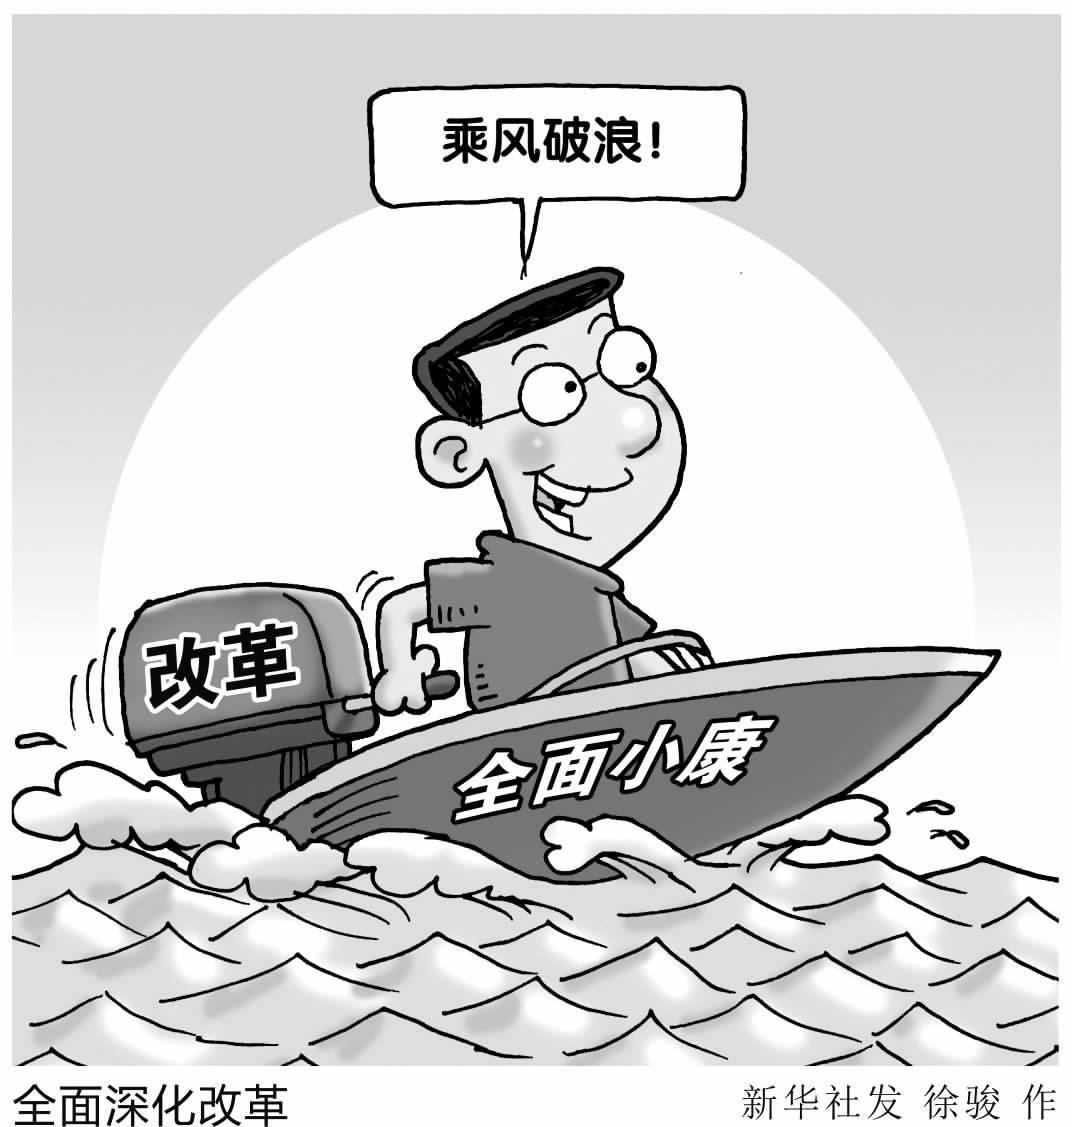 动漫 简笔画 卡通 漫画 手绘 头像 线稿 1072_1127